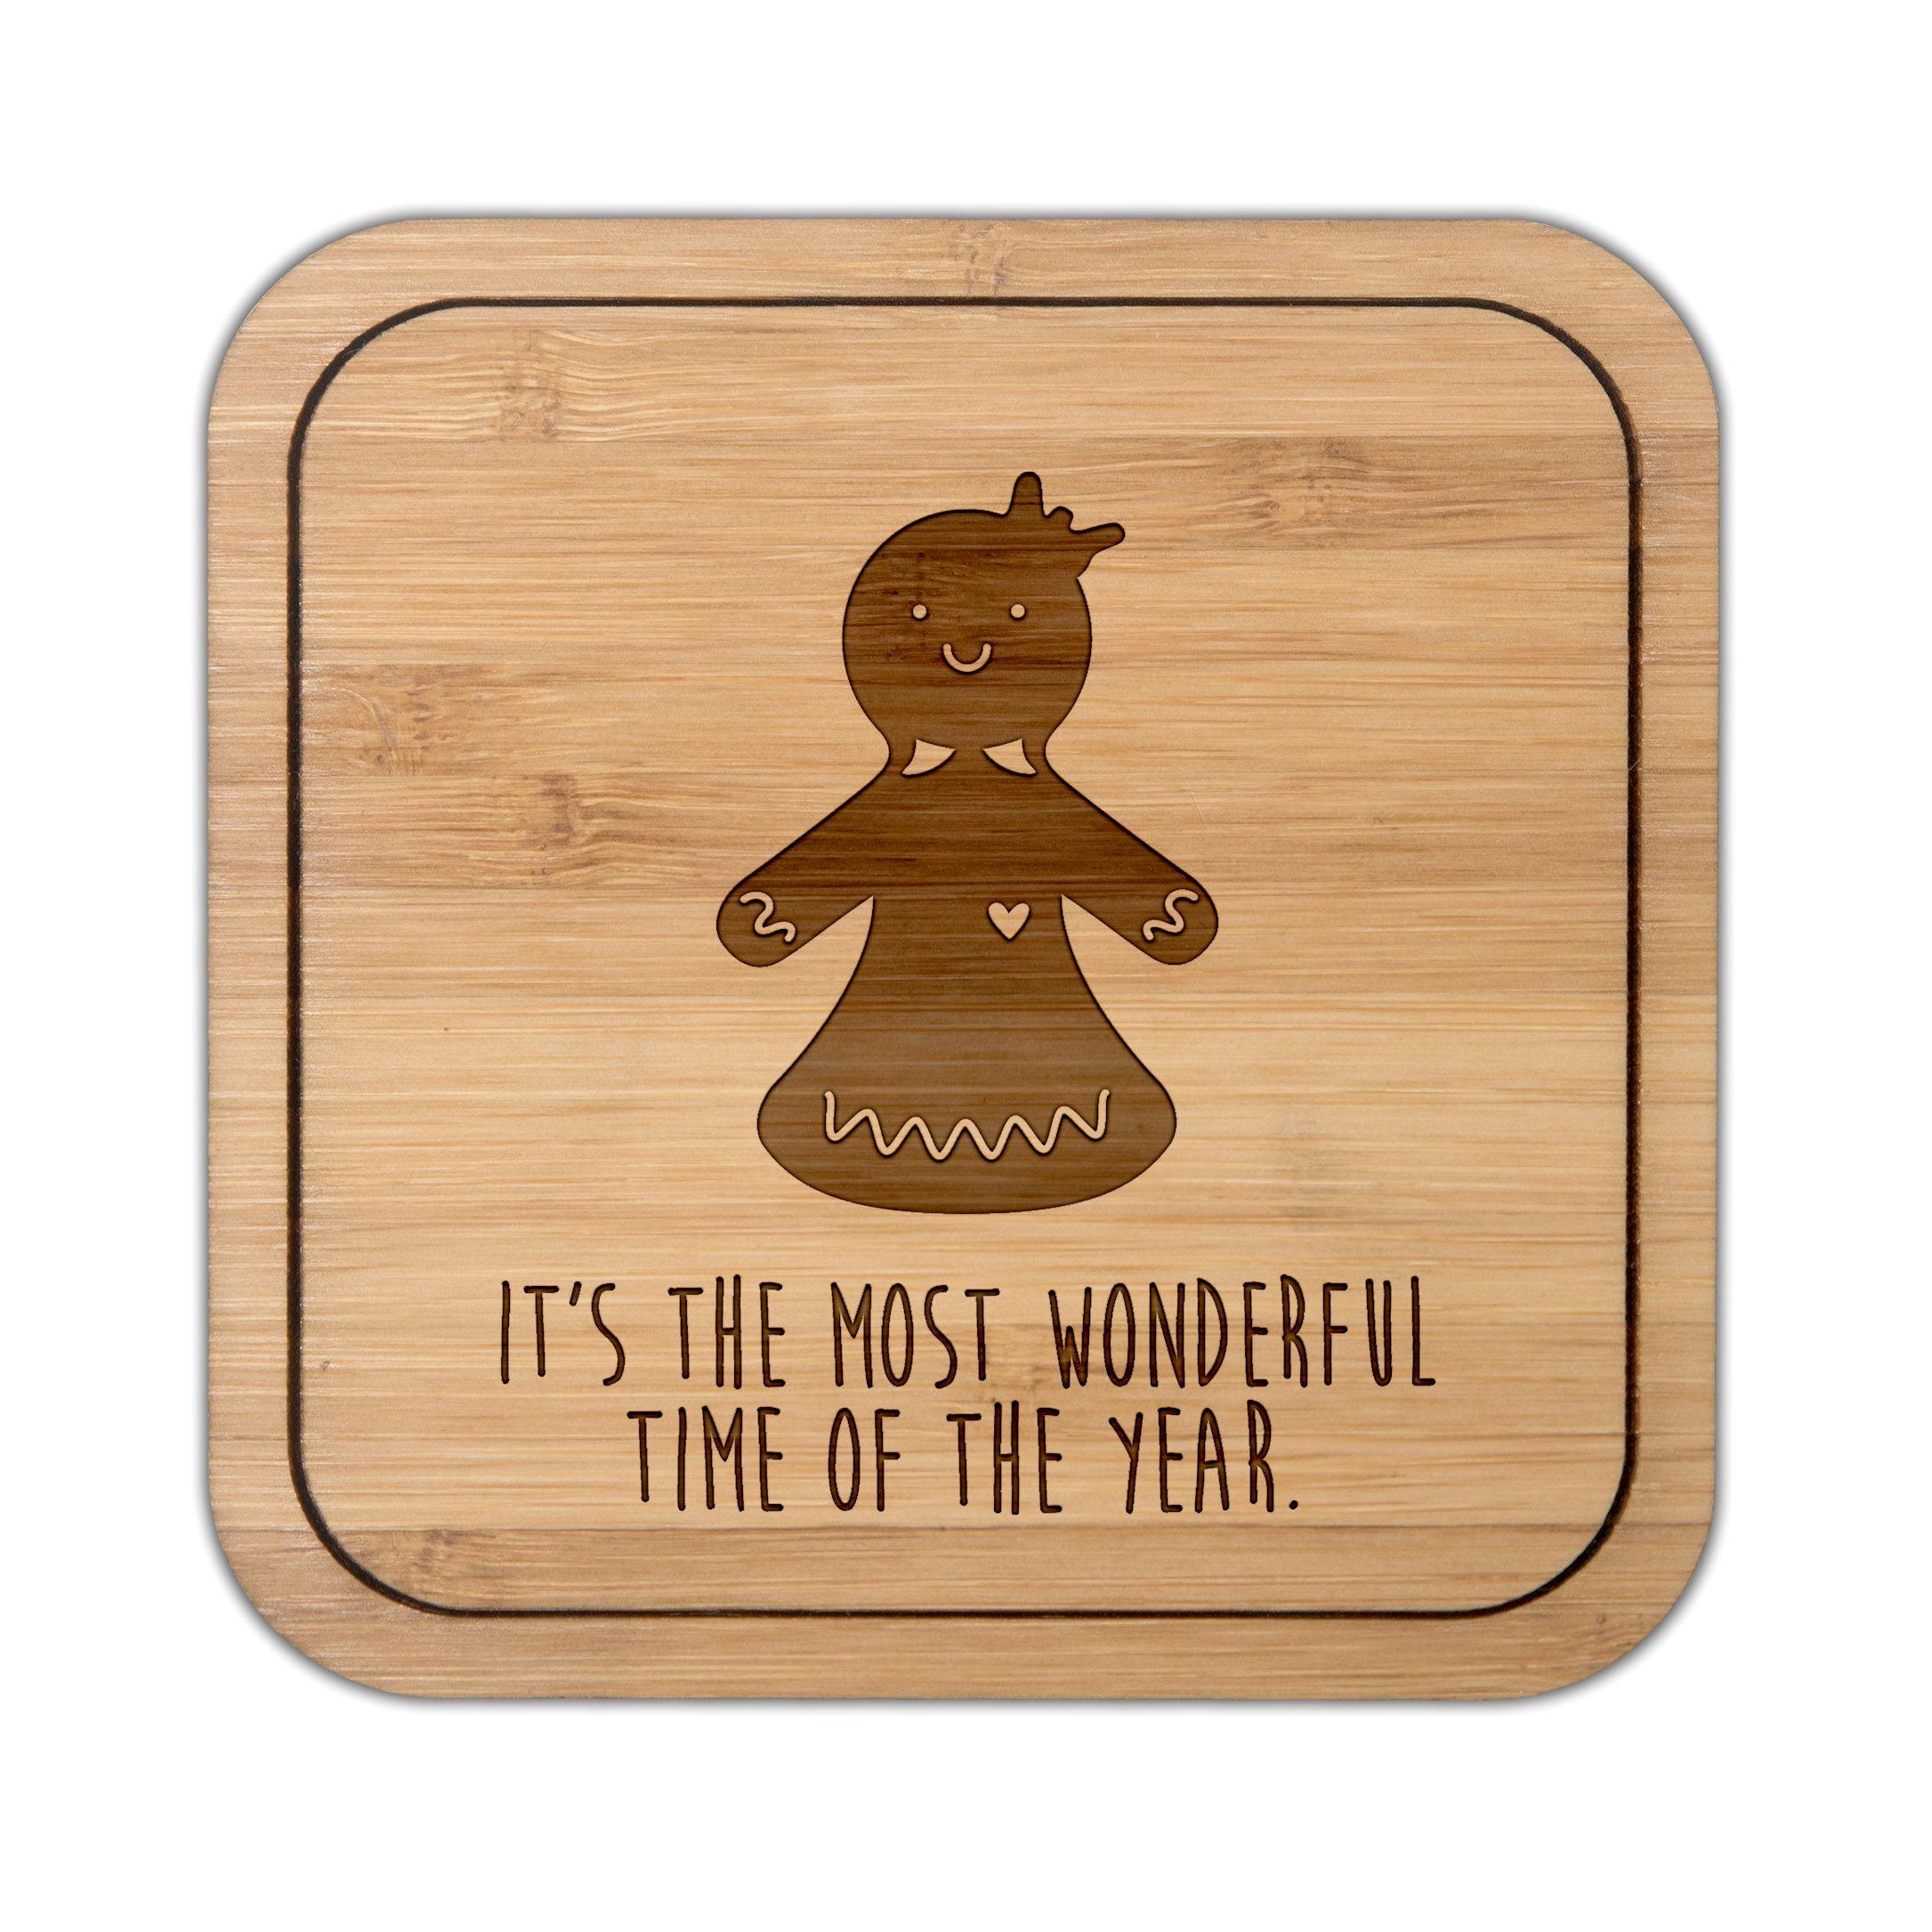 Untersetzer quadratisch Lebkuchenfrau aus Bambus  Coffee - Das Original von Mr. & Mrs. Panda.  Diese quadratischen Untersetzer mit abgerundeten Kanten sind ein besonderes Highlight auf jedem Esstisch. Jeder Gläser Untersetzer wurde mit viel Liebe handgefertigt und alle unsere Motive sind mit besonders viel Hingabe von unserer Designerin gestaltet worden. Im Set sind jeweils 4 Untersetzer enthalten.     Über unser Motiv Lebkuchenfrau  Die zuckersüße Lebkuchenfrau ist das bezaubernde…